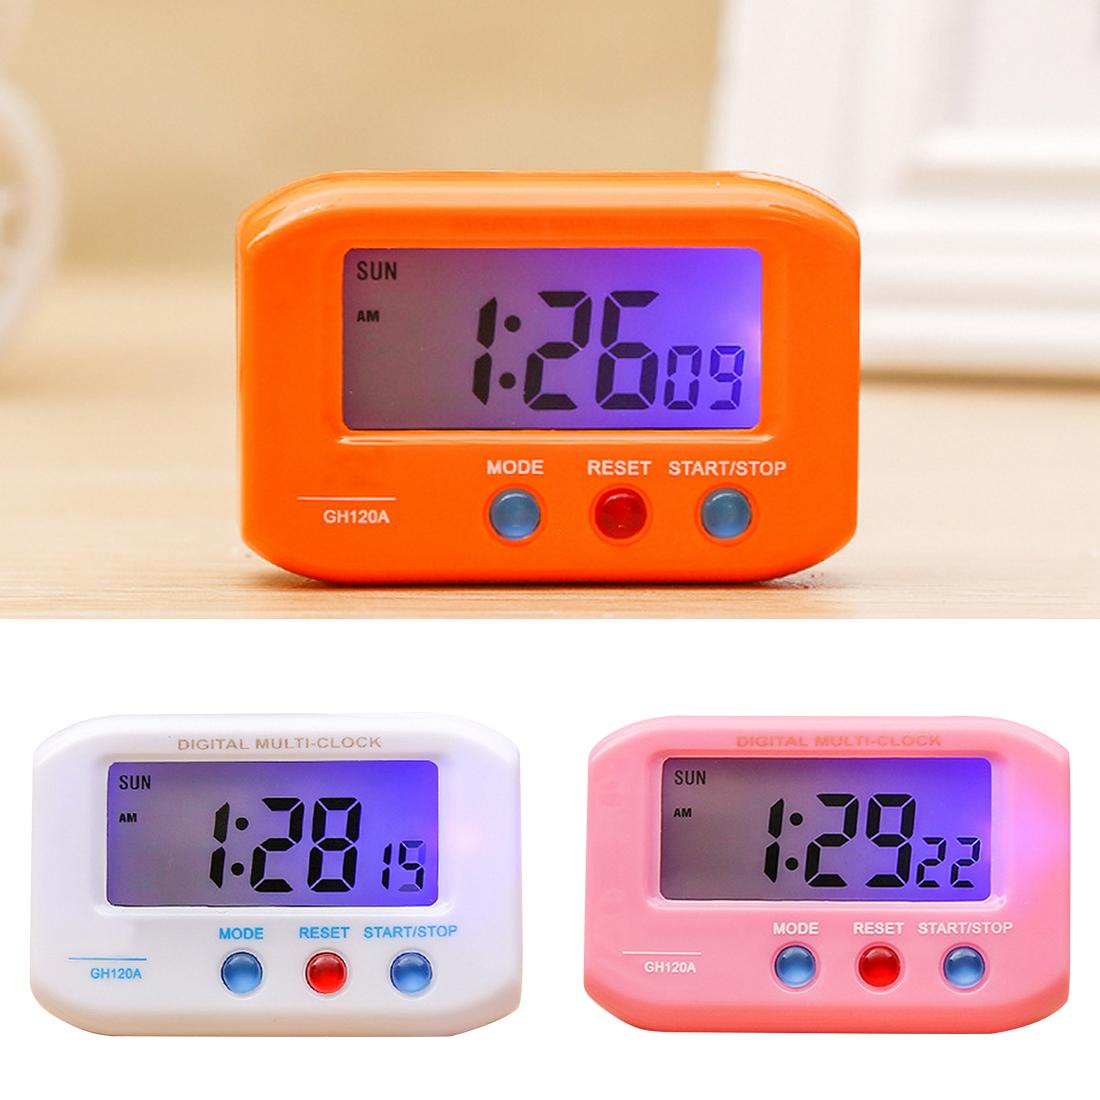 ab1f896dc7f 1 pc Portátil de Viagem Eletrônico Digital Alarme Cronômetro LCD Relógio  Com Snooze despertador Relógio Eletrônico Automotivo